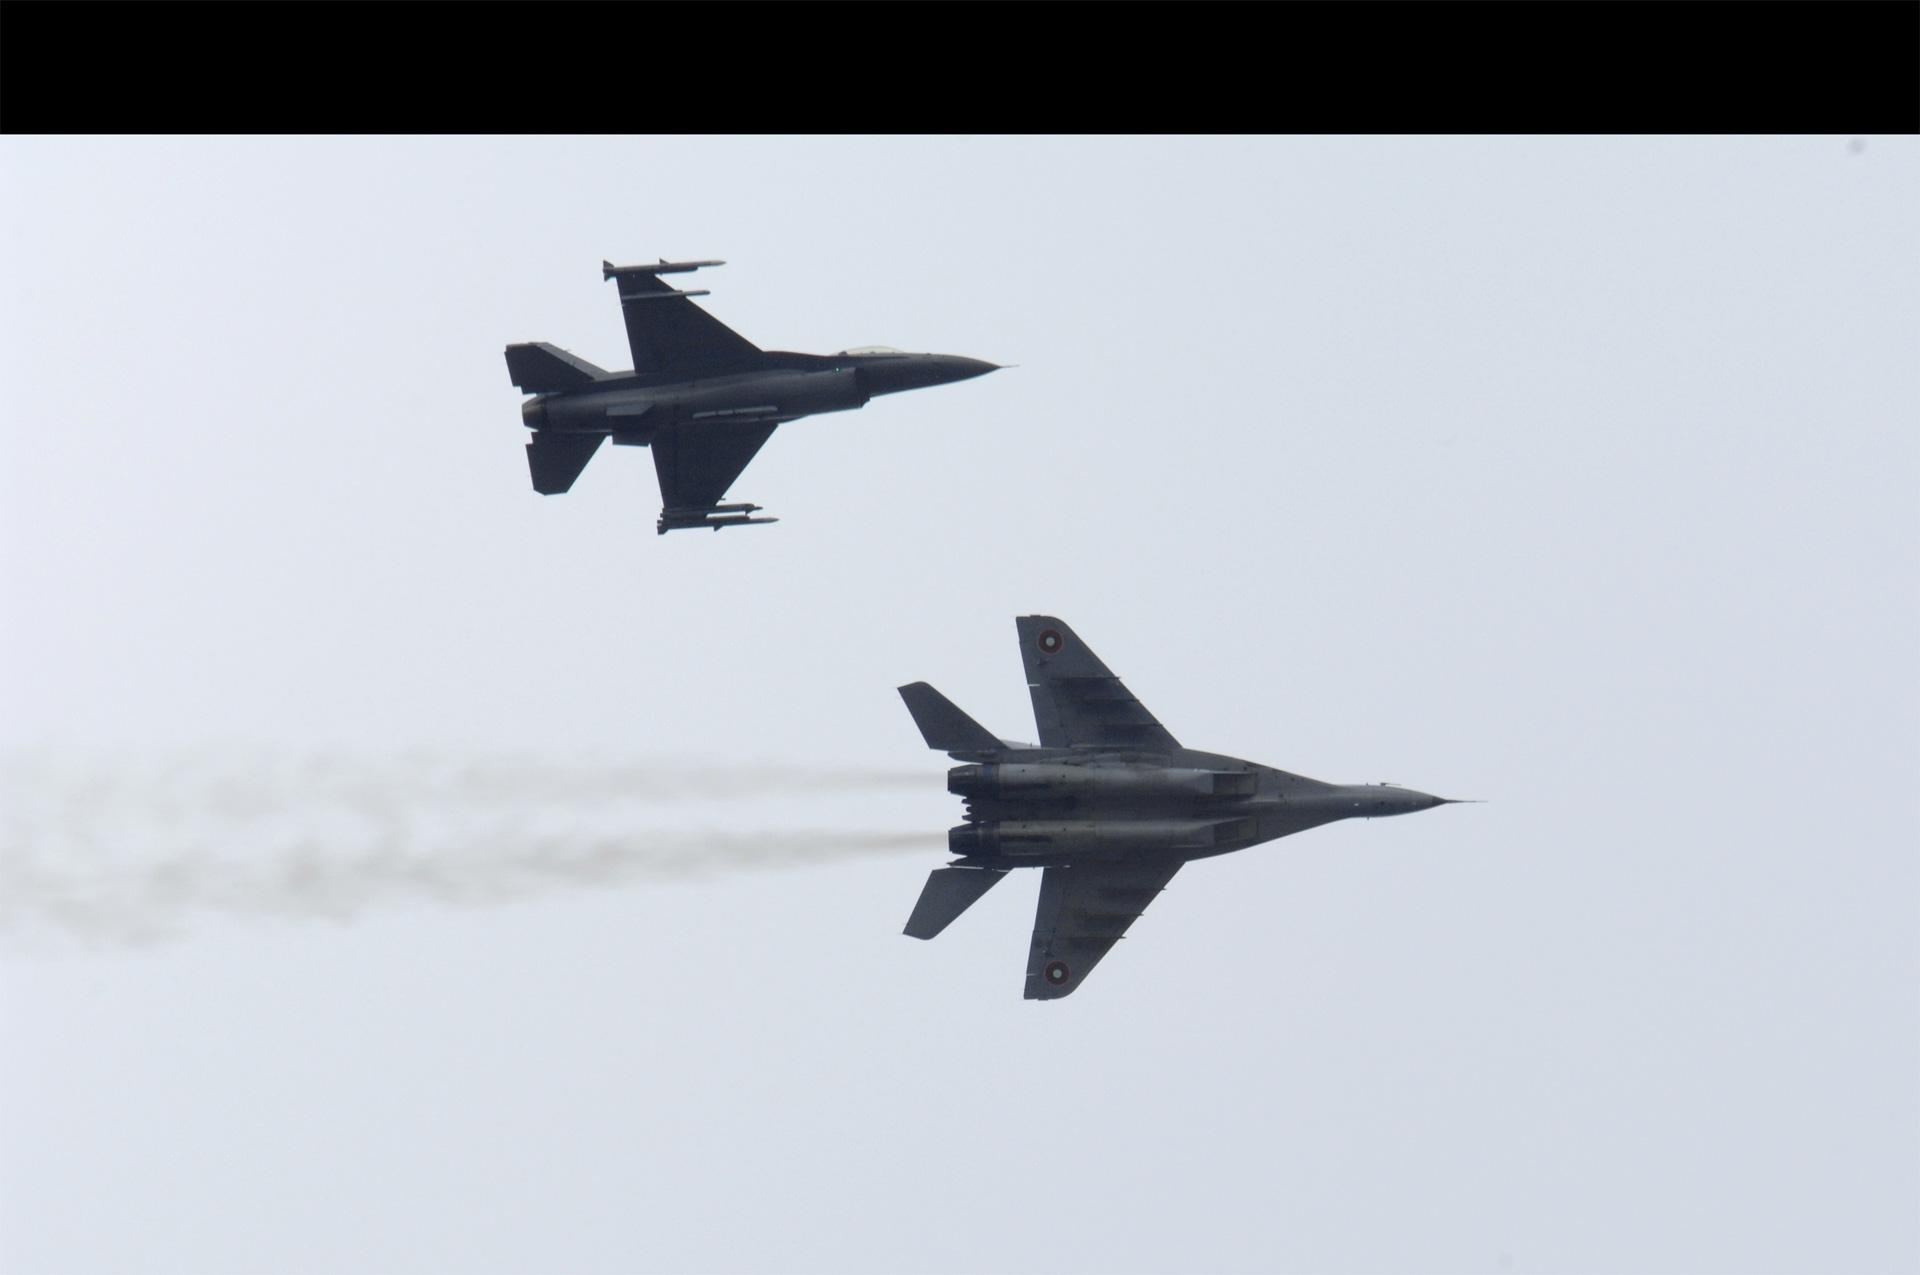 La OTAN, a través de su portavoz Jens Stoltenberg, confirmó que la aeronave sí sobrevolaba territorio turco